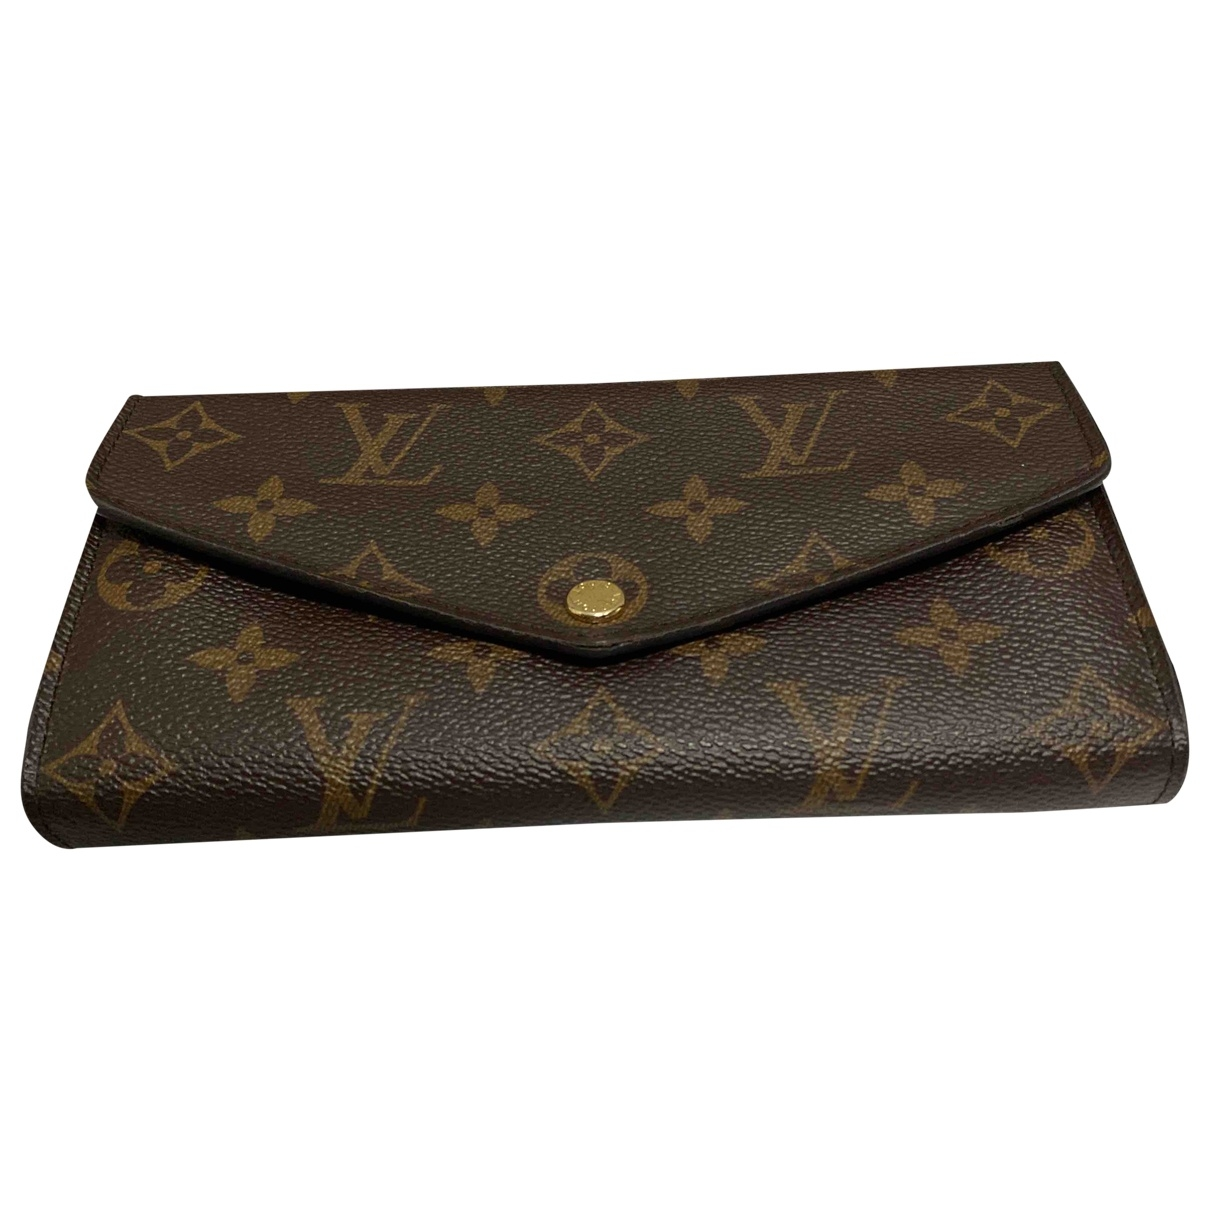 Louis Vuitton - Portefeuille Josephine pour femme en toile - marron